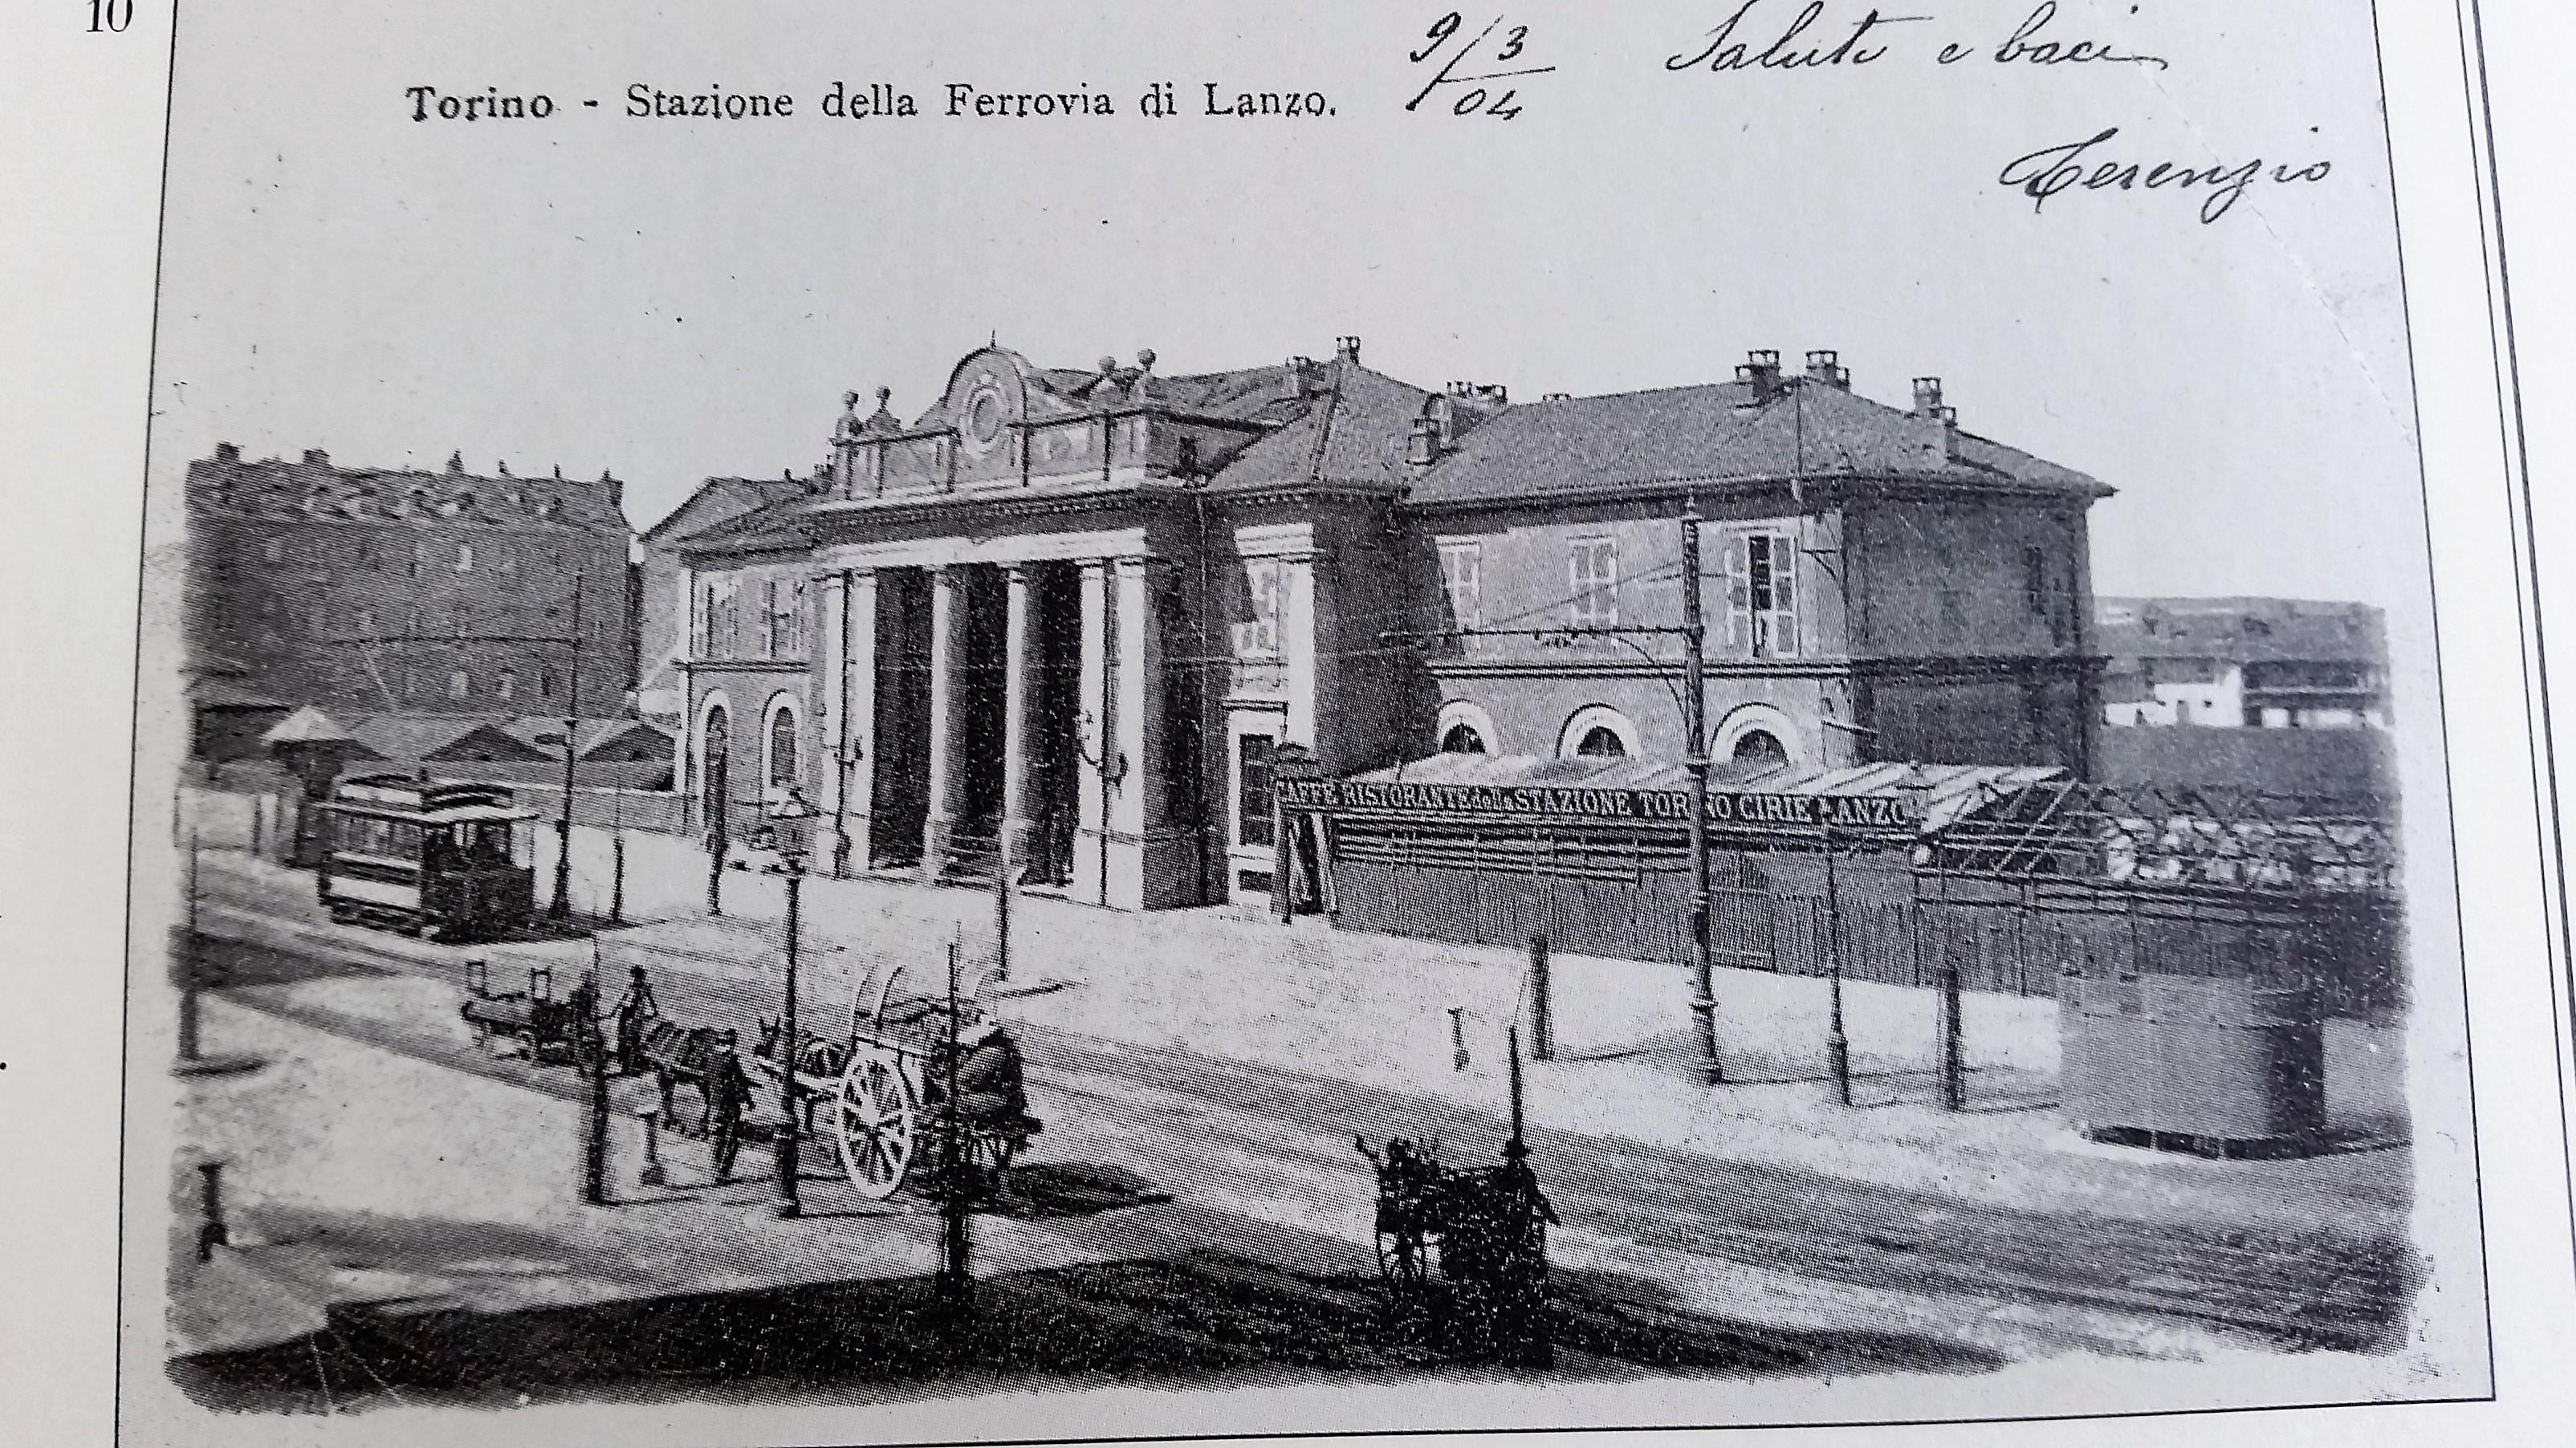 Delit an Piemont: armus-ciand ant ij papé dij tribunaj - Grassazione allo Scalo della Ferrovia di Ciriè, a Porta Palazzo